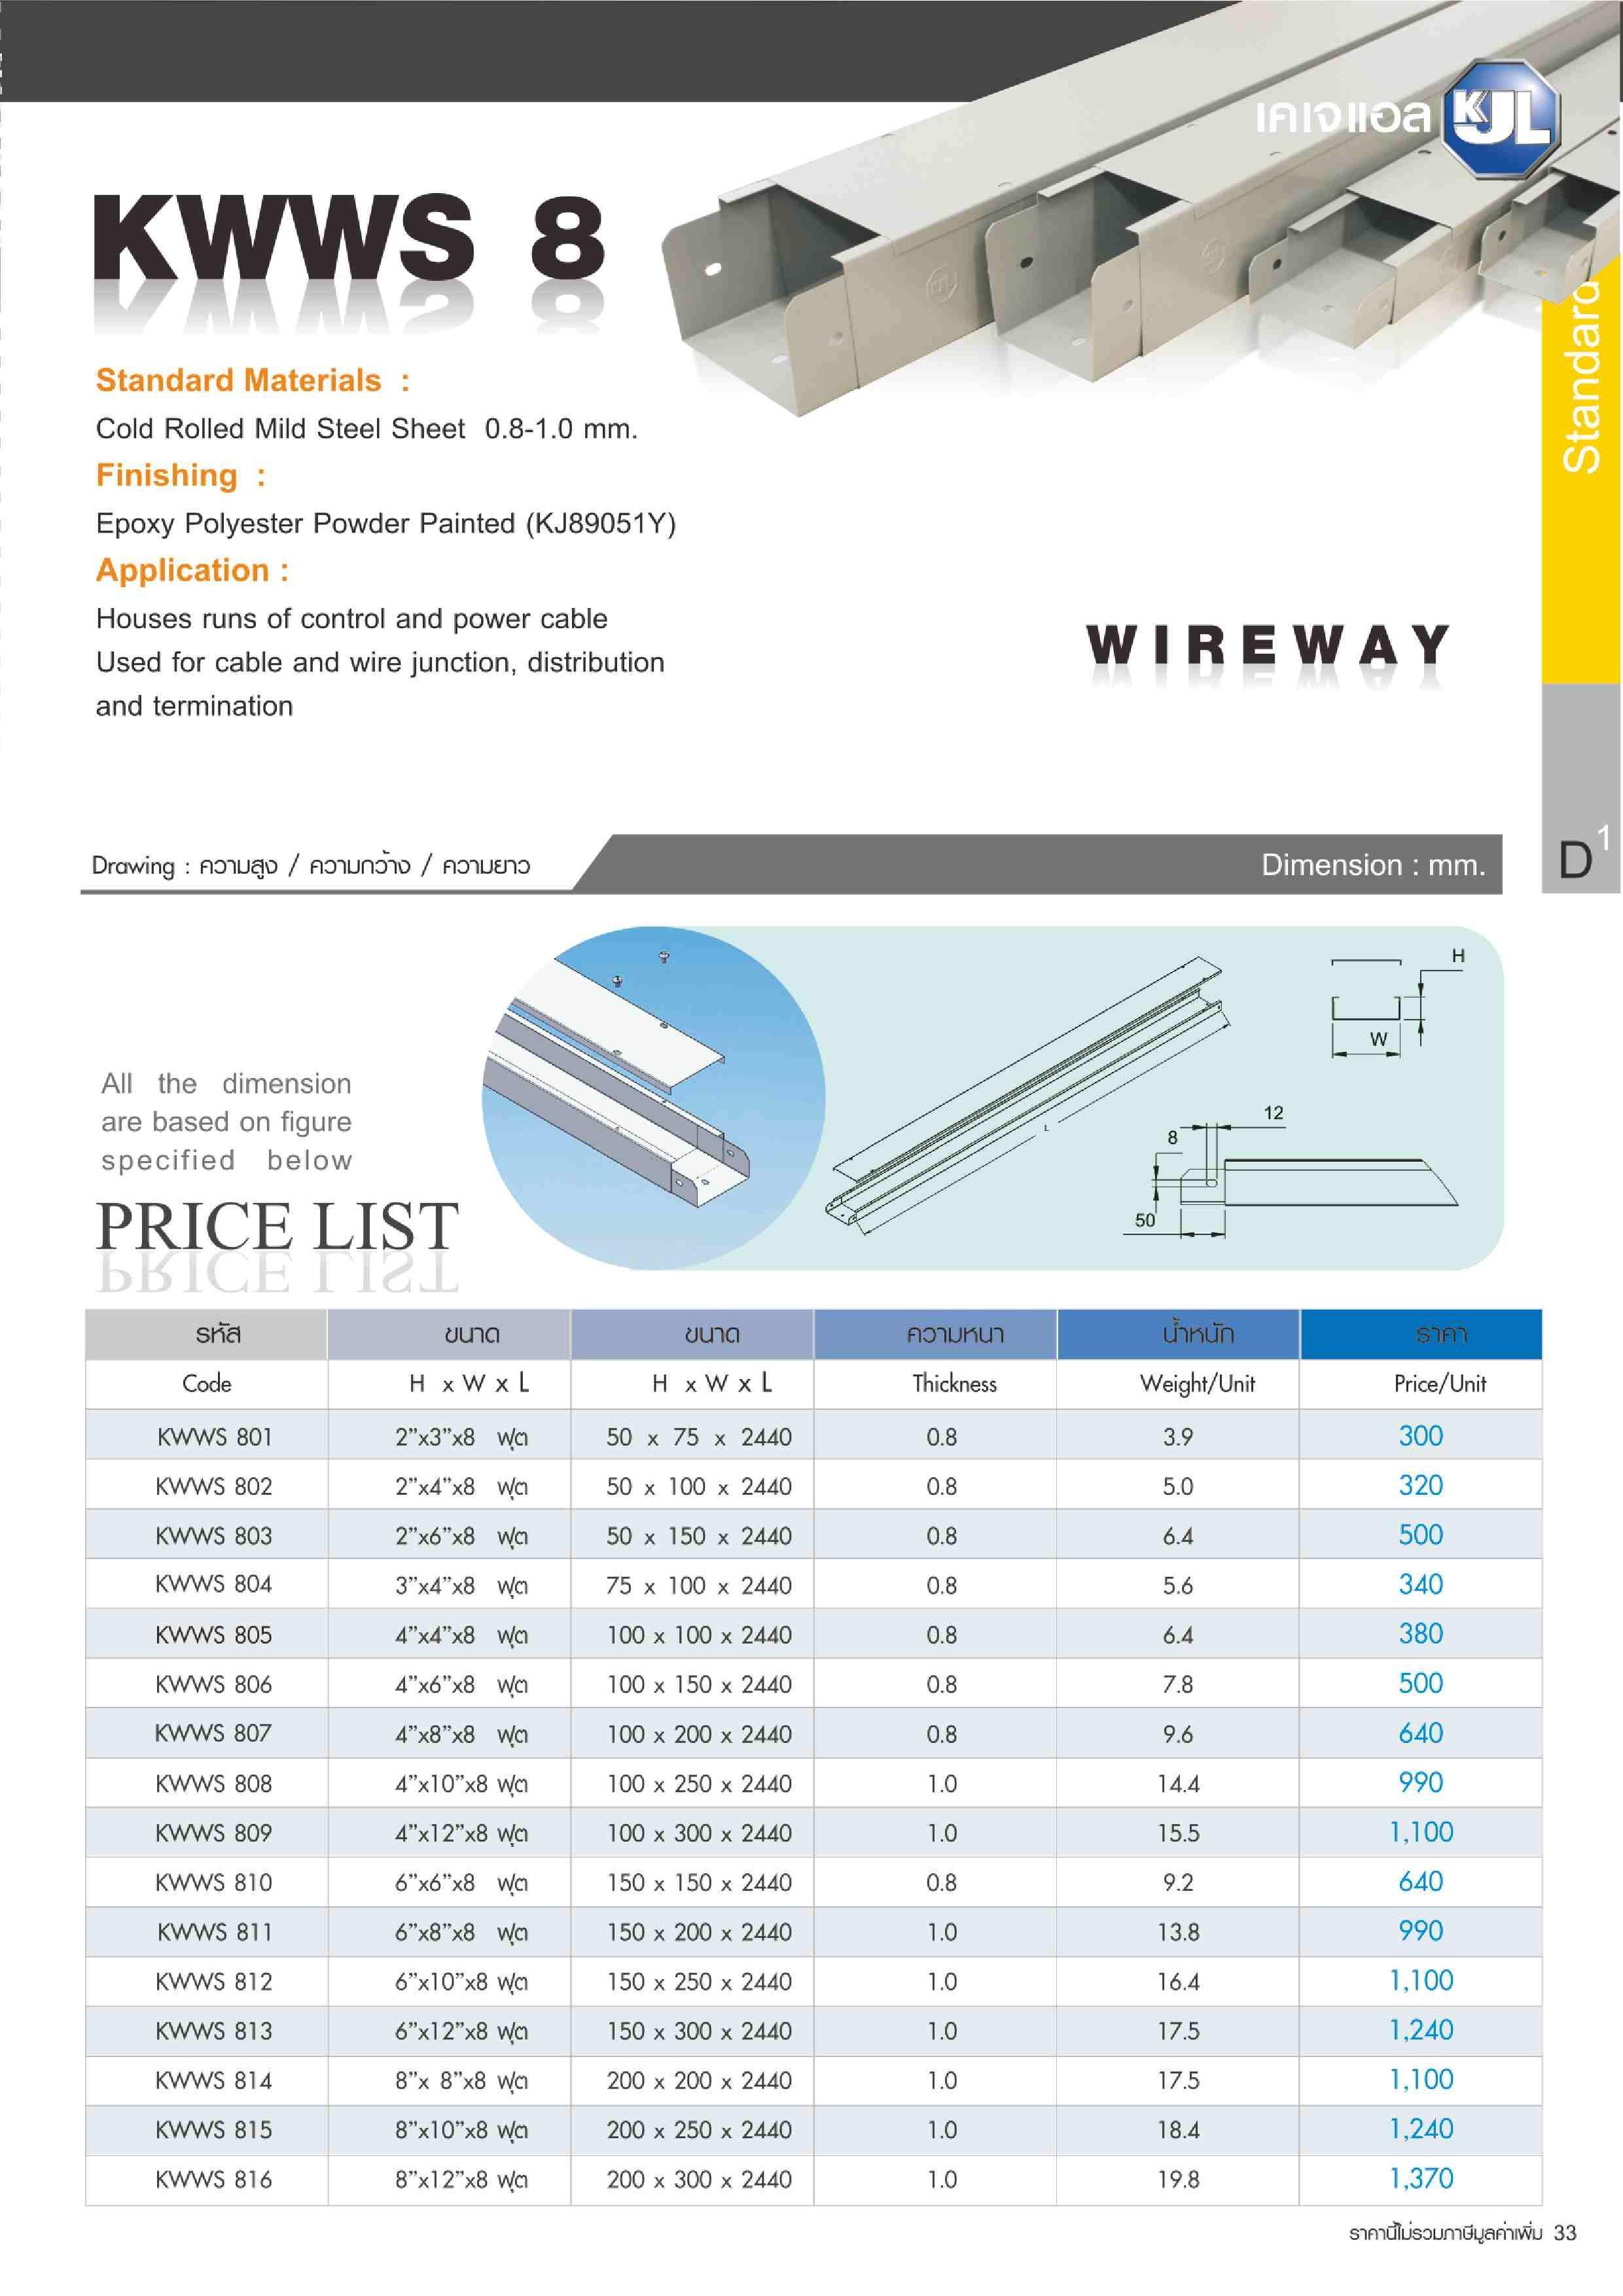 Wire Way | Kjl รางไวร เวย และอ ปกรณ บจก เอ นไซ กร ป